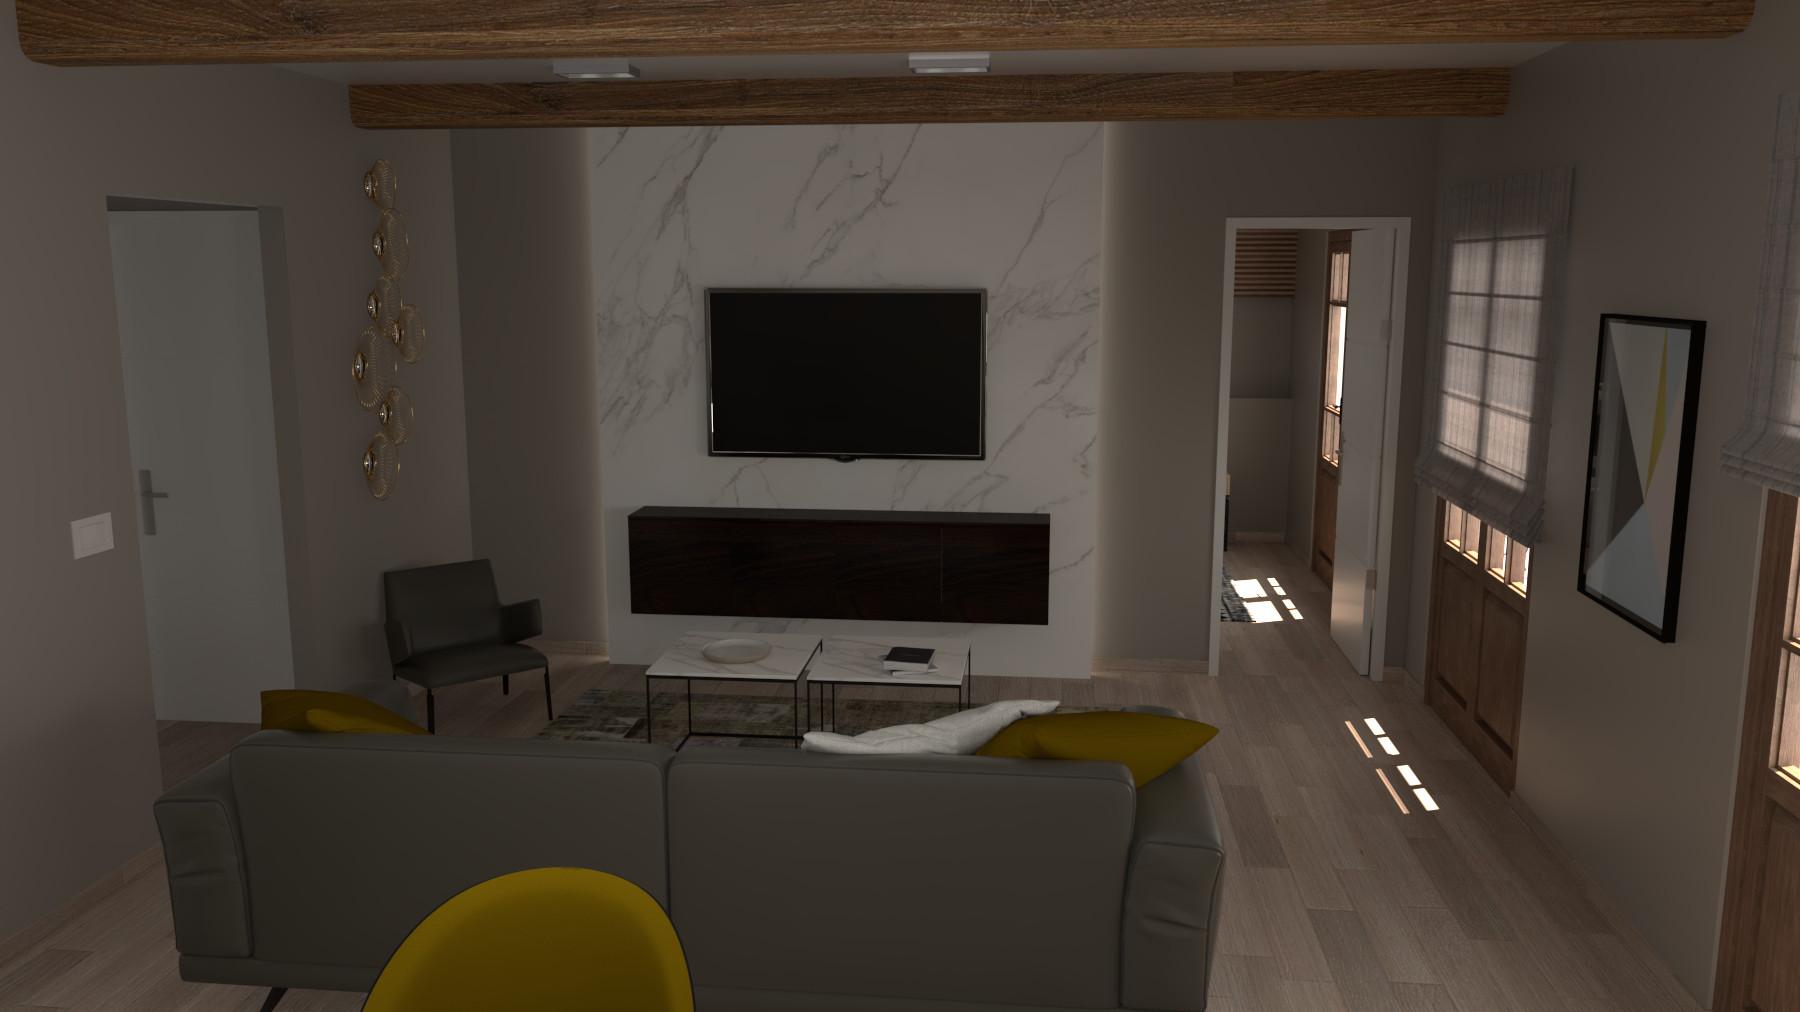 proyectos-interiorismo-interioristas-reformistas-reformas-viviendas-casas-pisos-chalets-particulares-sevilla-2